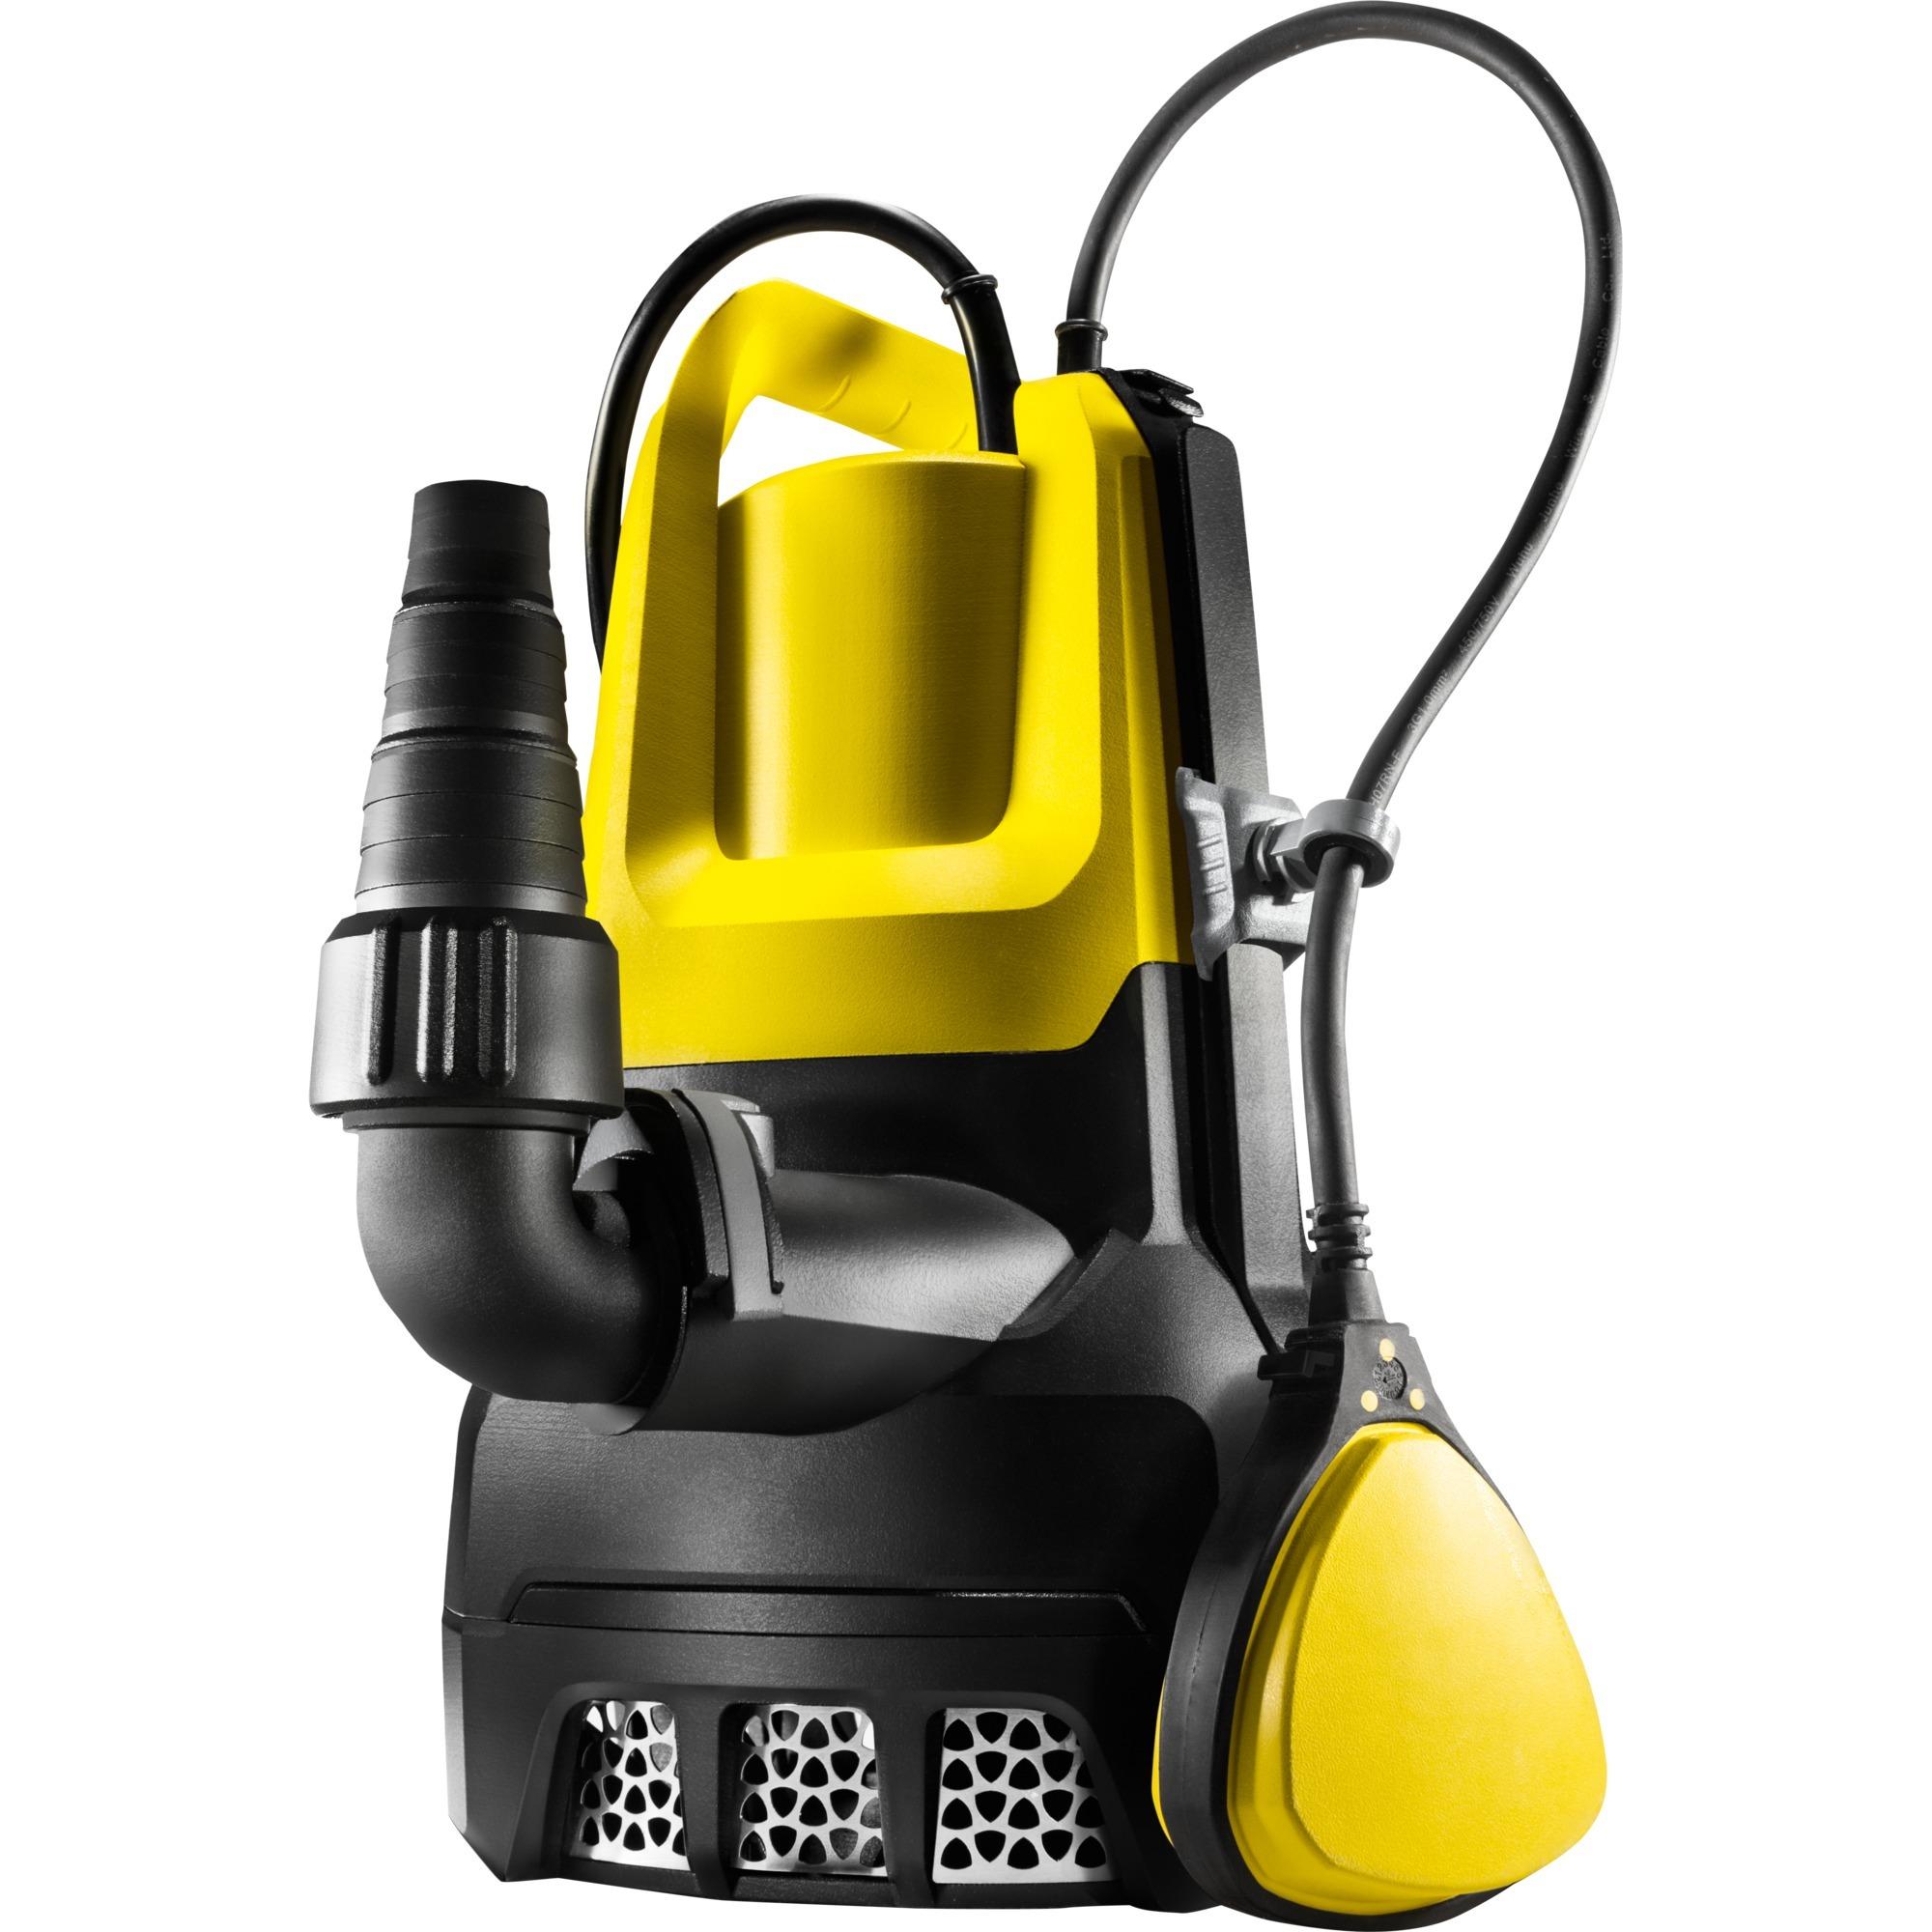 Bomba sumergible de agua sucia SP 7 Dirt *EU, Bombas presión e inmersión